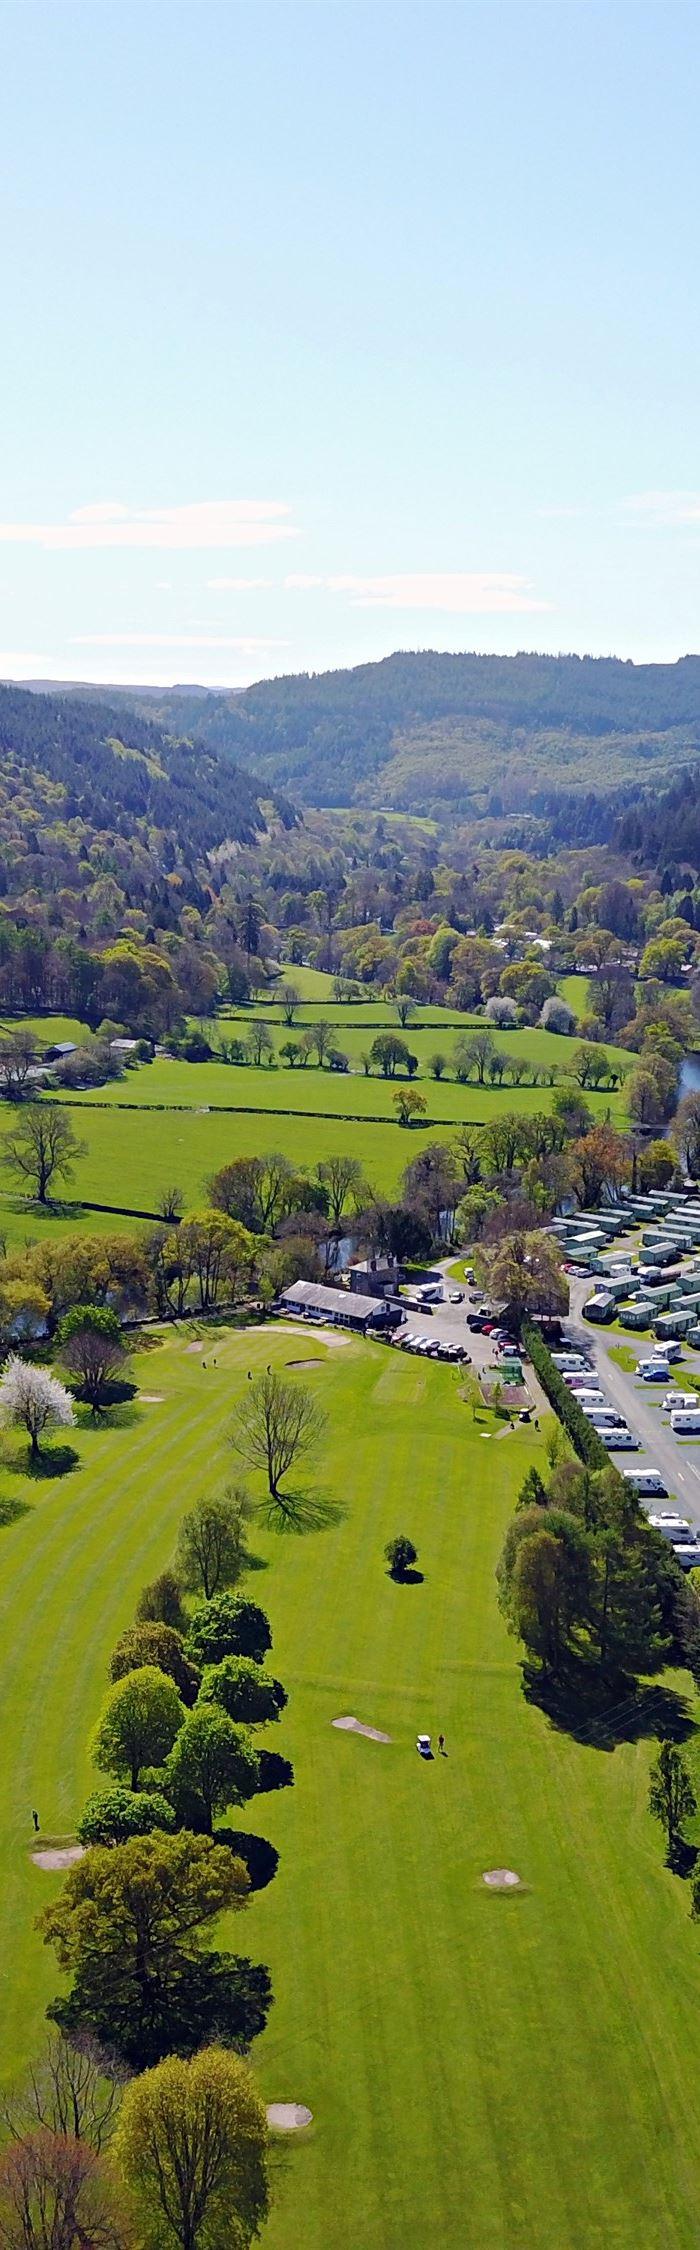 Betws-y-Coed campsites   Best camping in Betws-y-Coed, Conwy